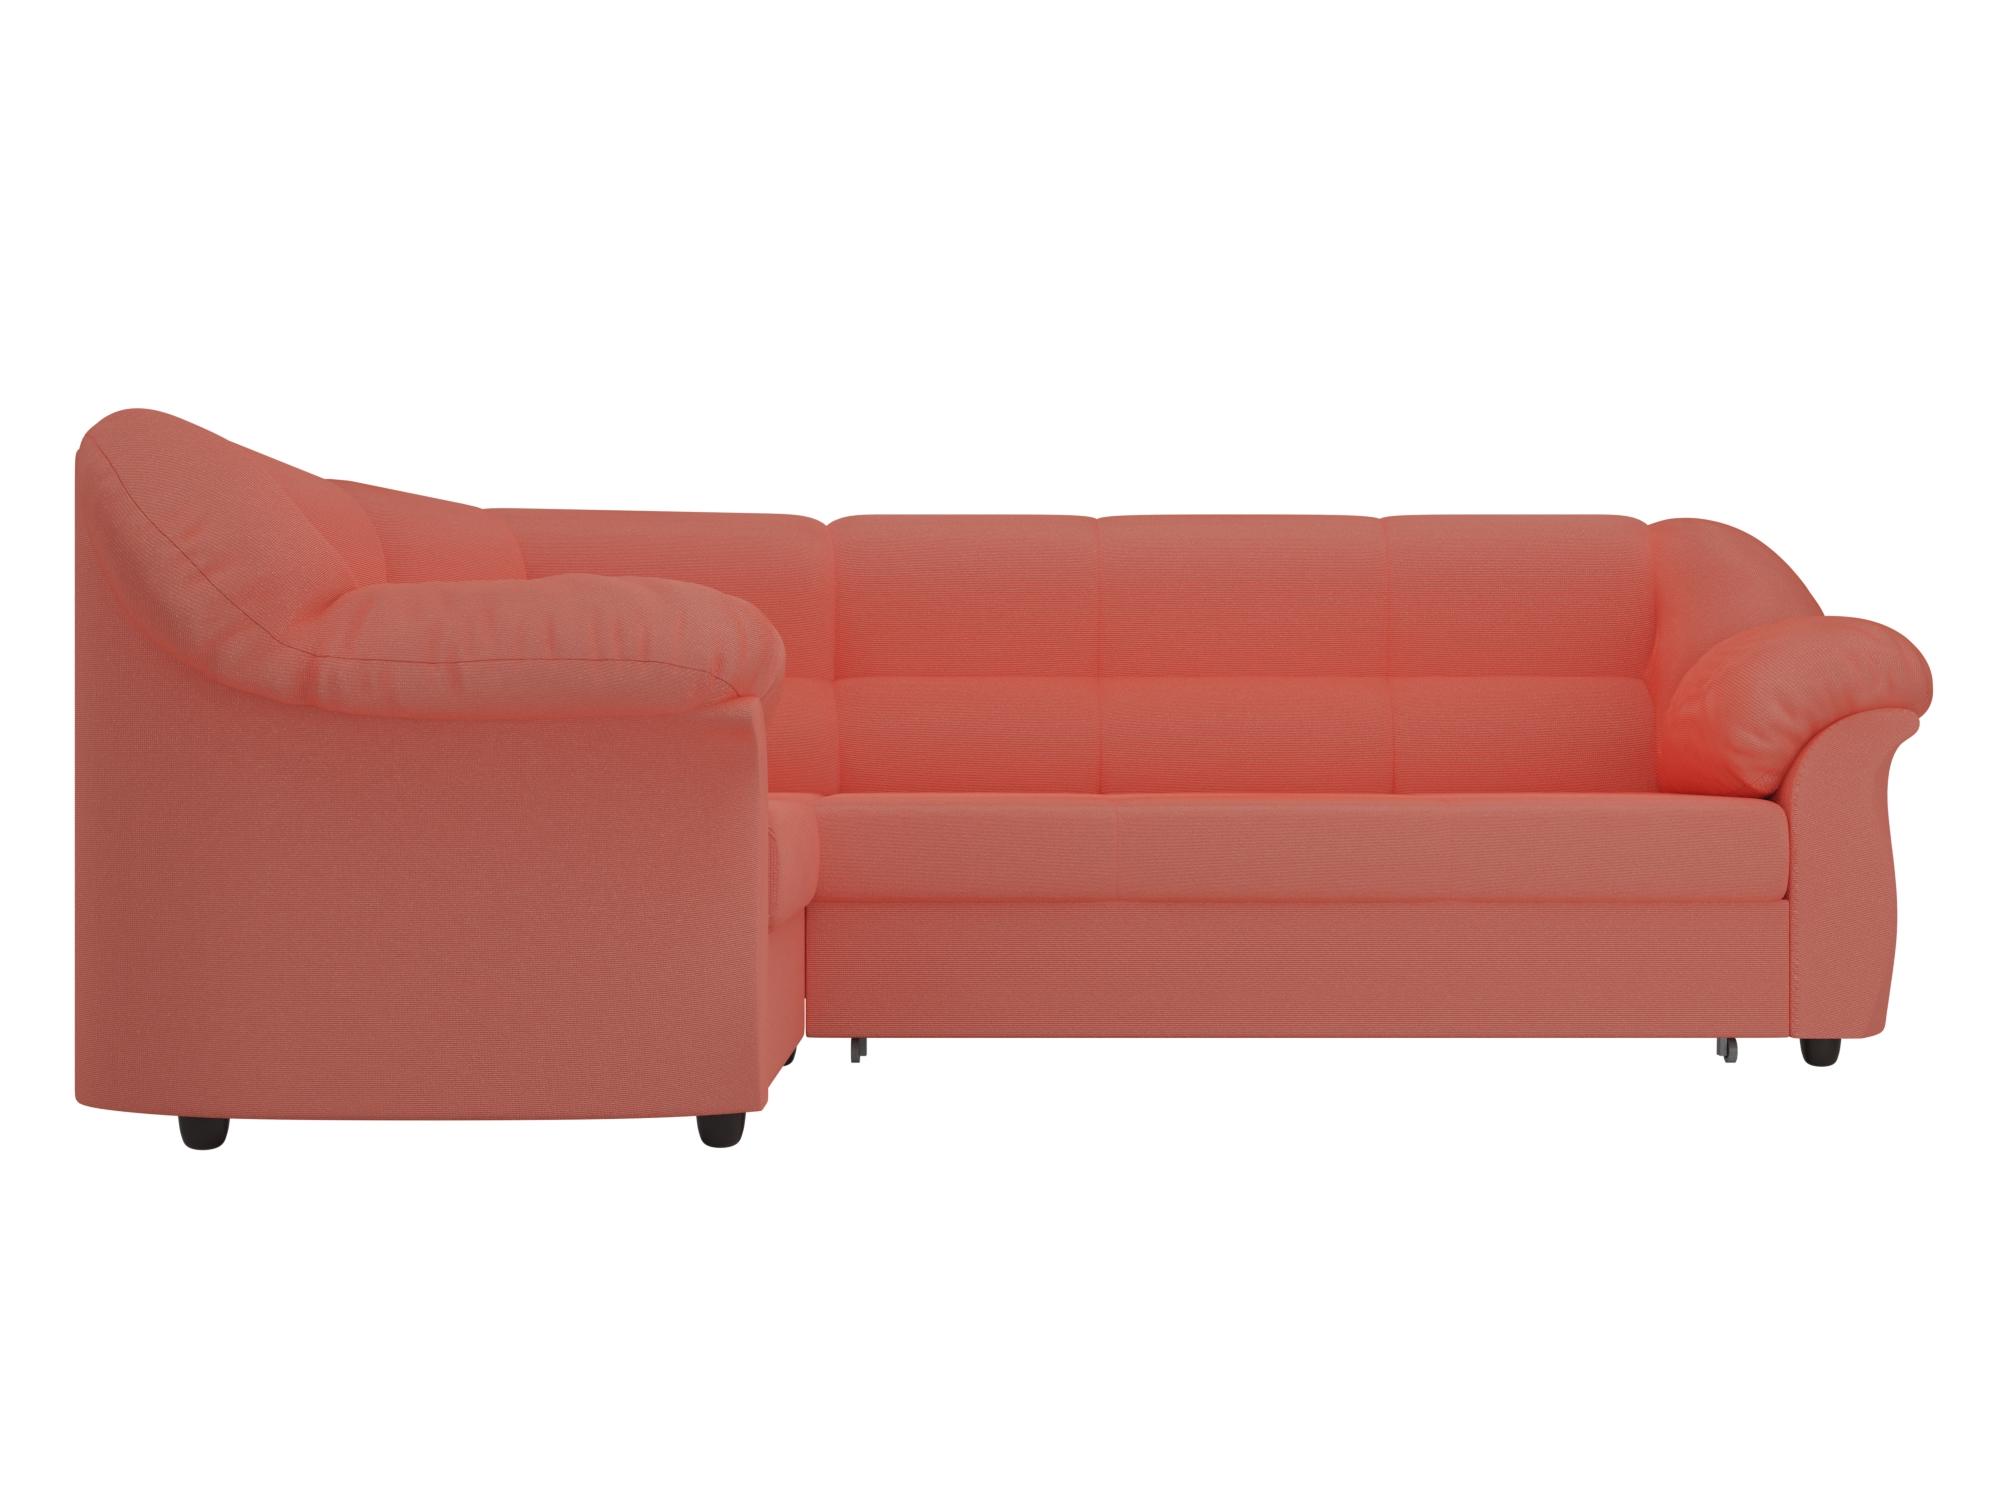 Угловой диван Карнелла Левый MebelVia Красный